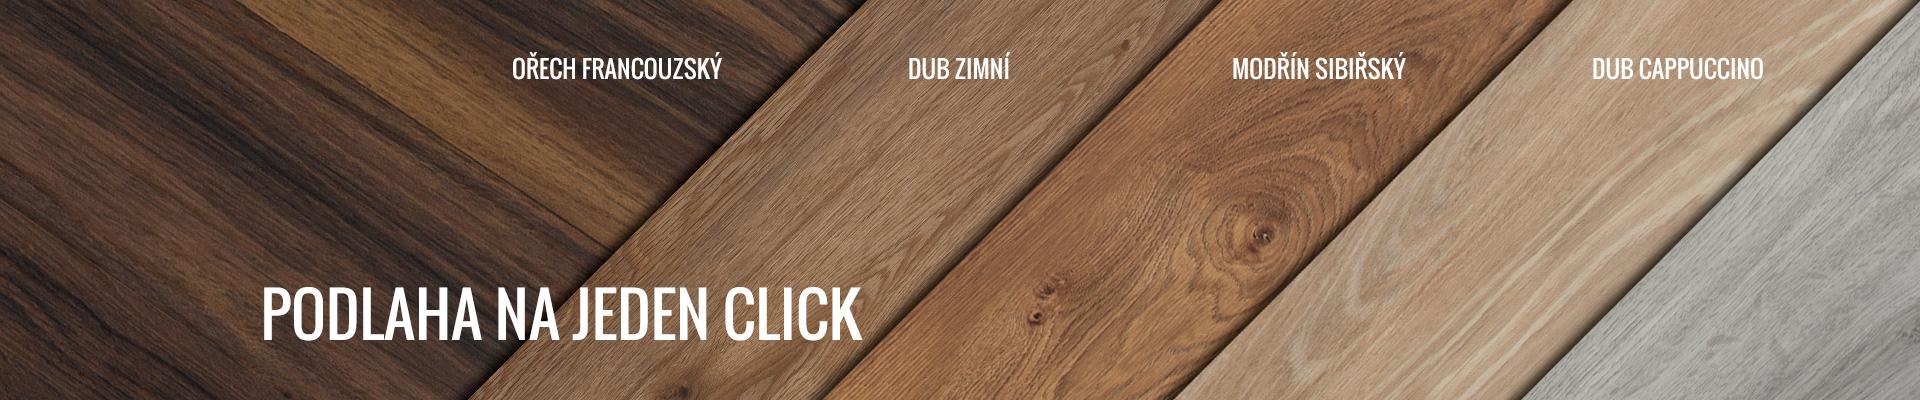 Podlahy FatraClick na iDNES.cz